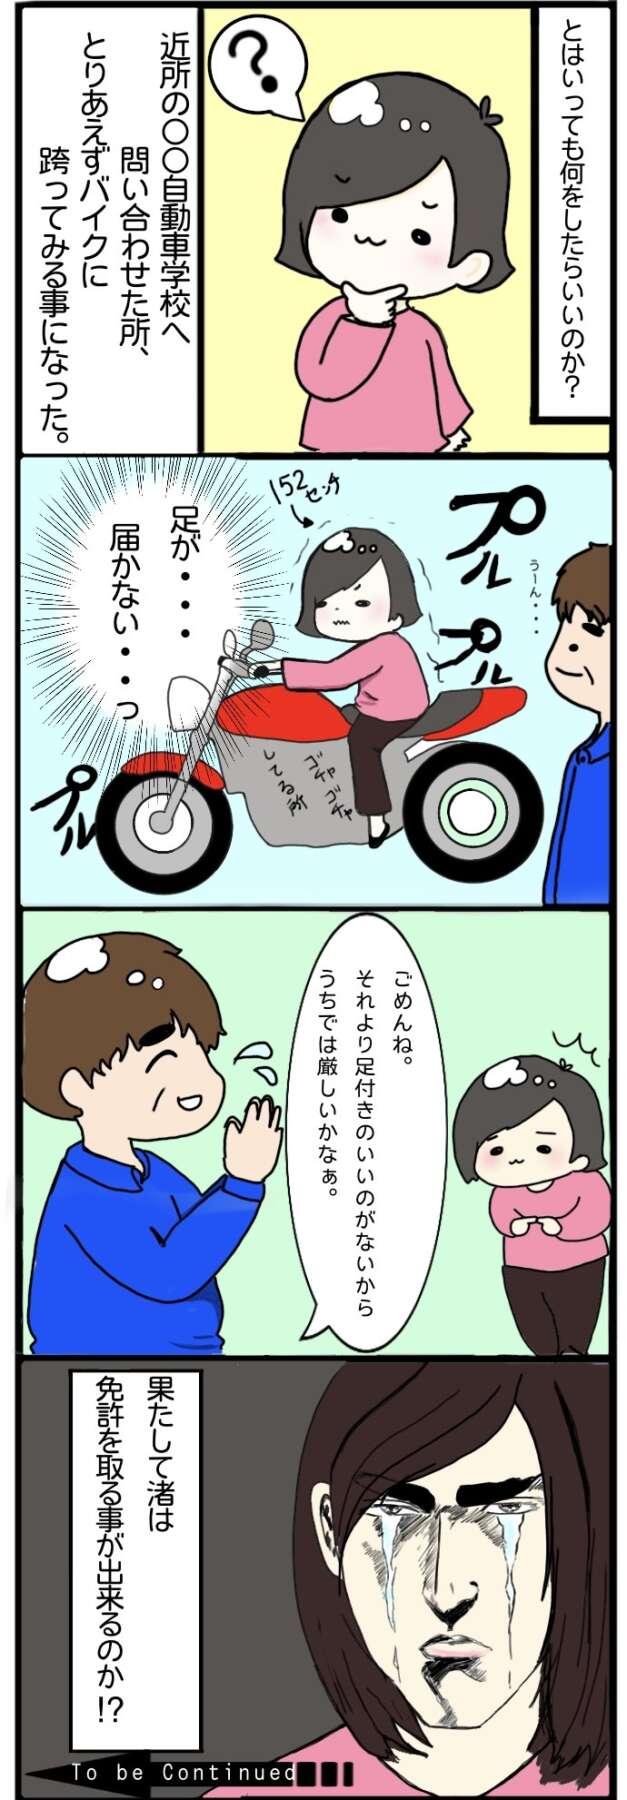 高園さんの漫画